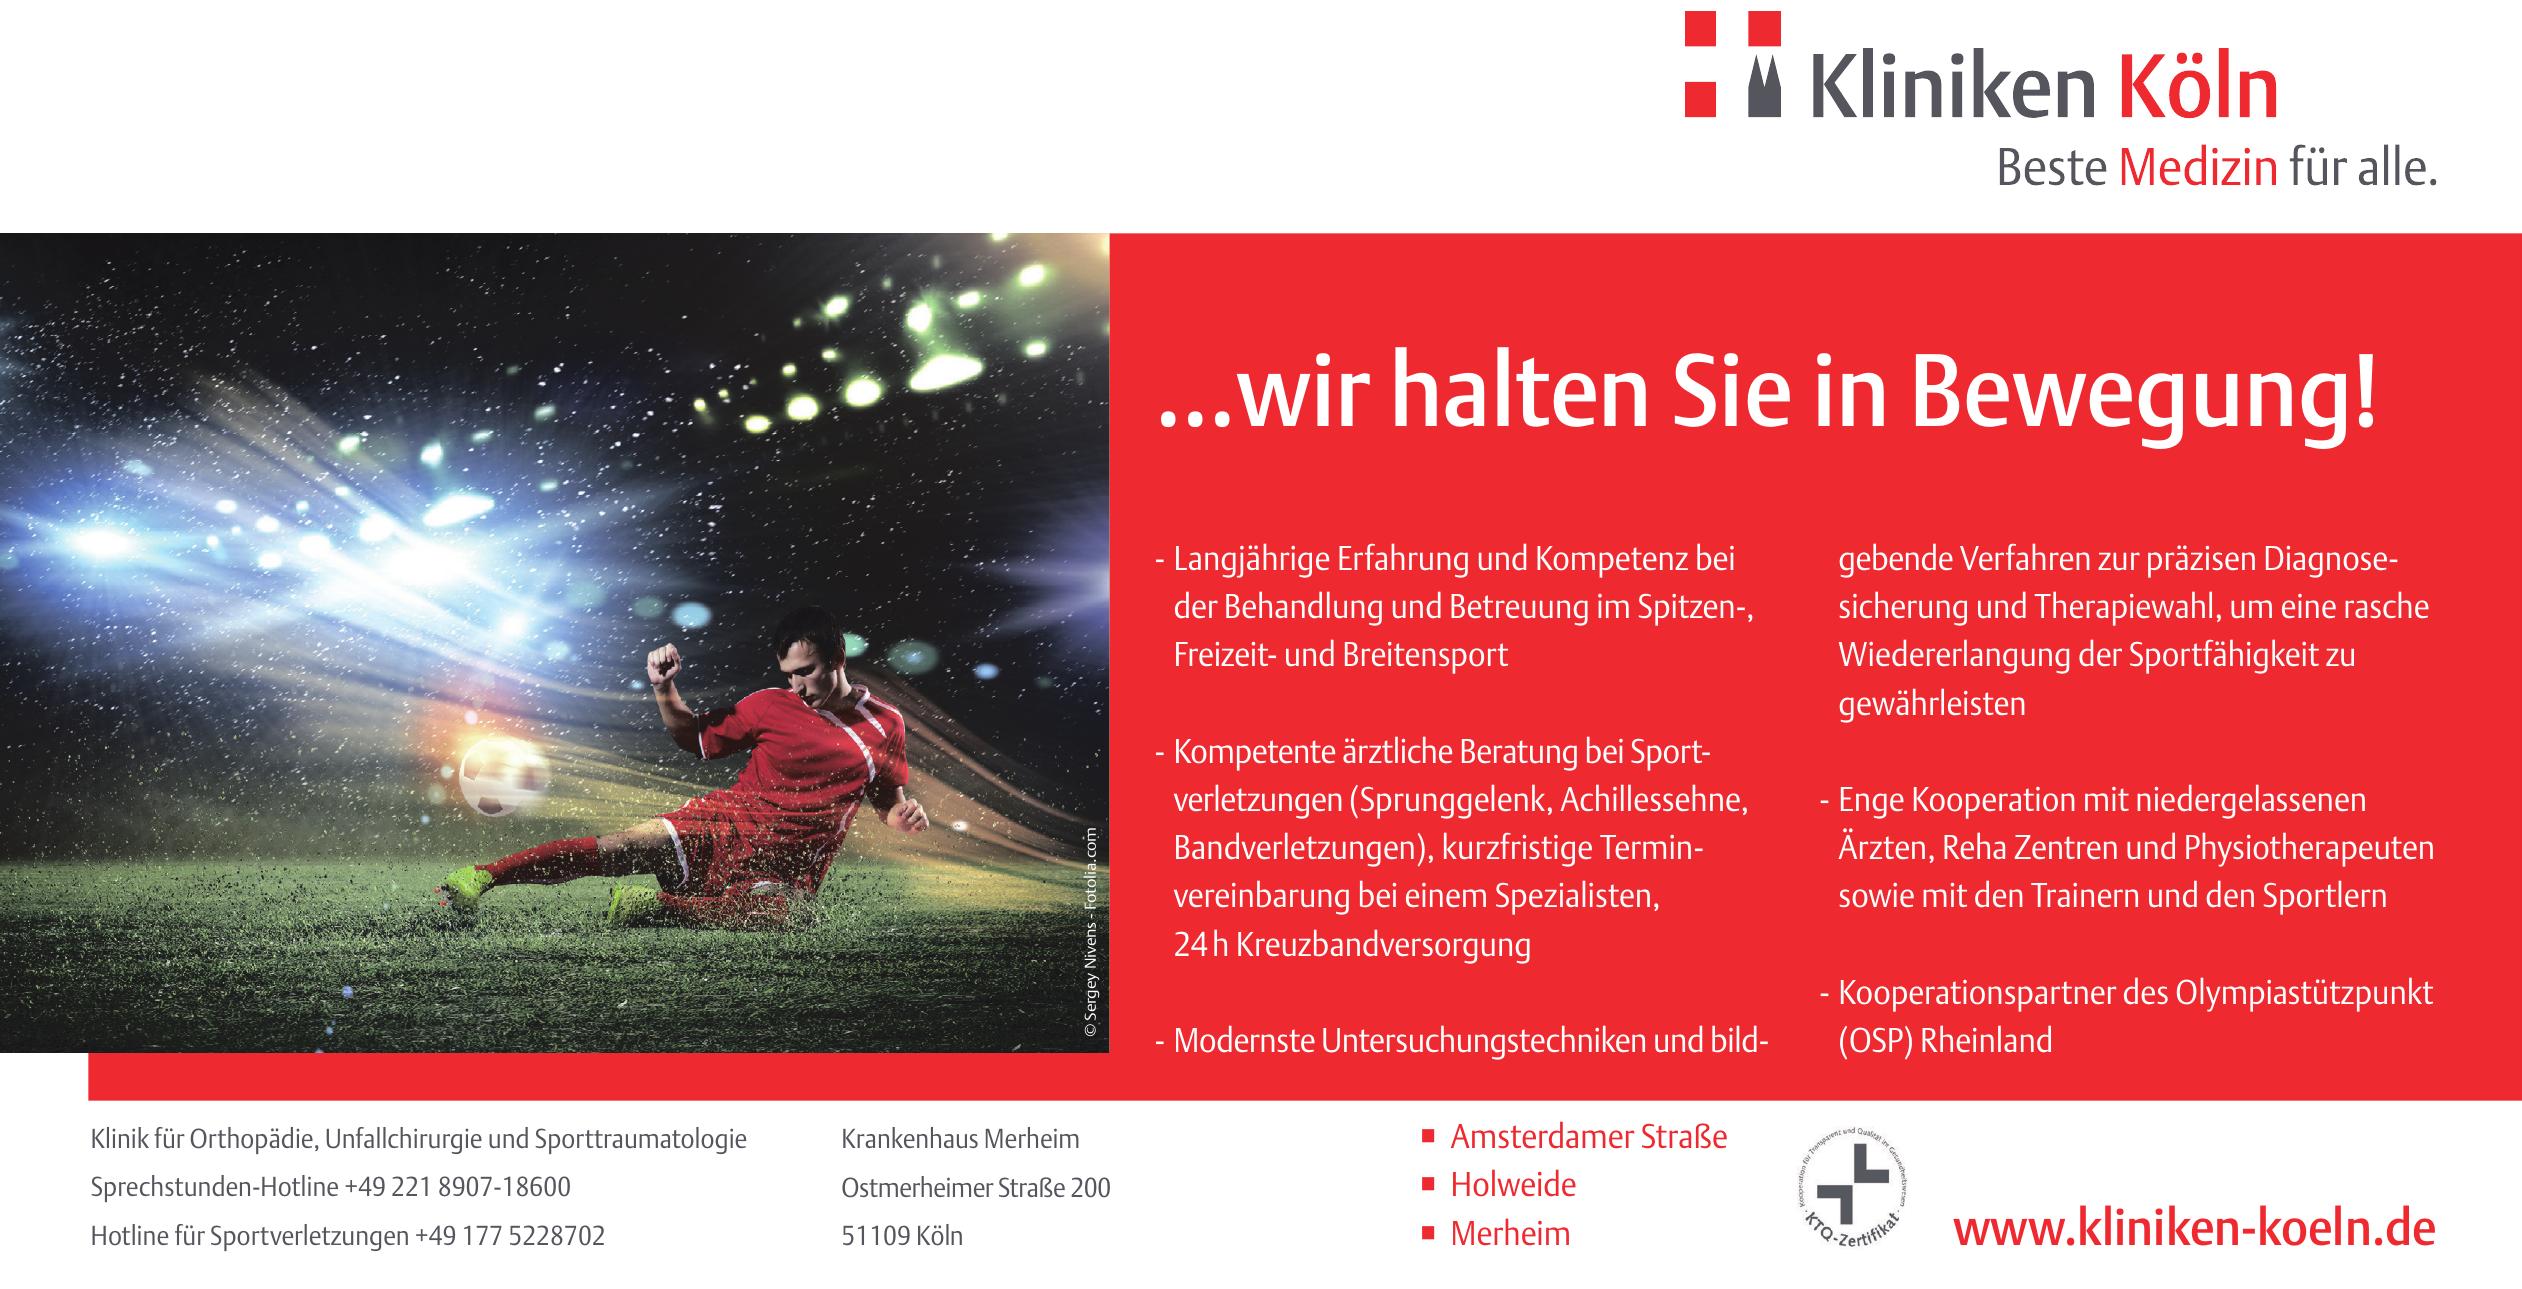 Klinik für Orthopädie, Unfallchirurgie und Sporttraumatologie Köln